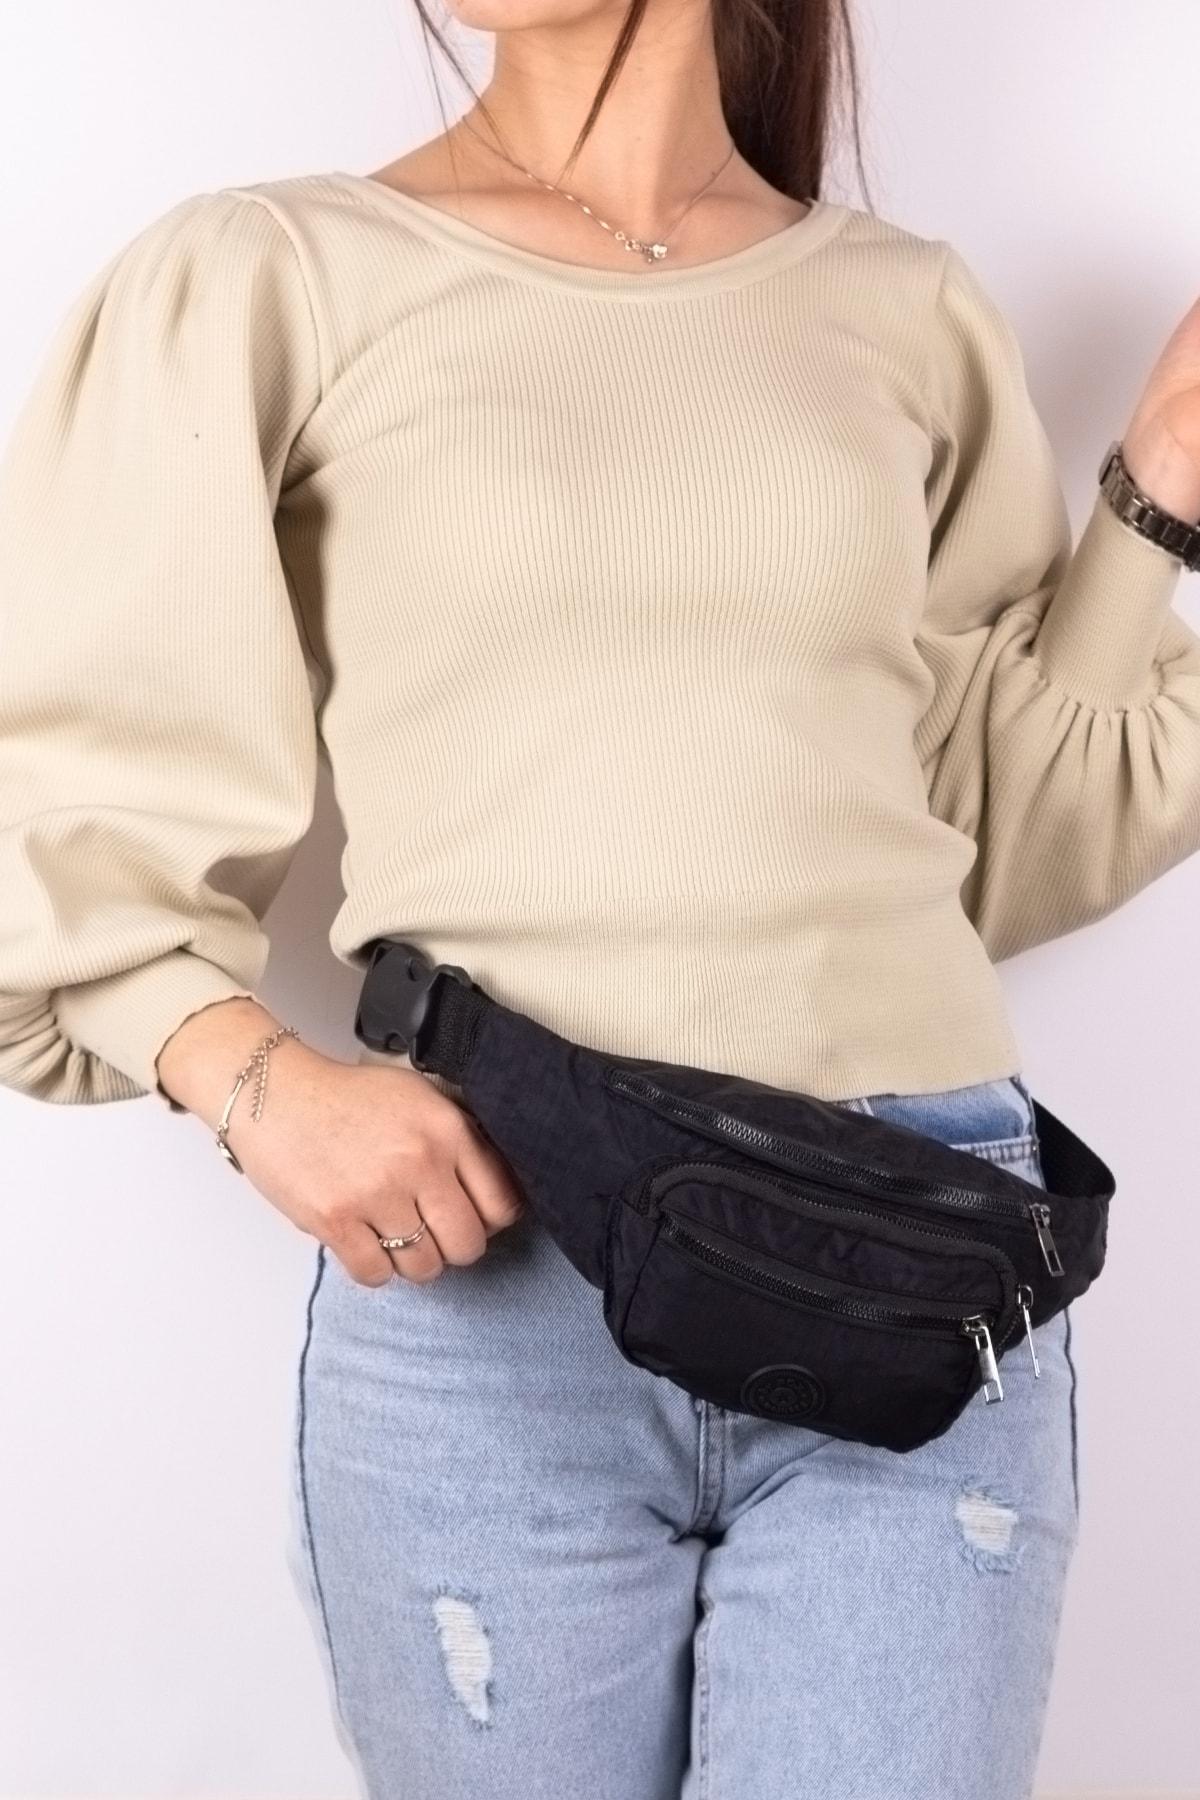 خرید نقدی کیف کمری مردانه  برند تونی بلک رنگ مشکی کد ty94411831